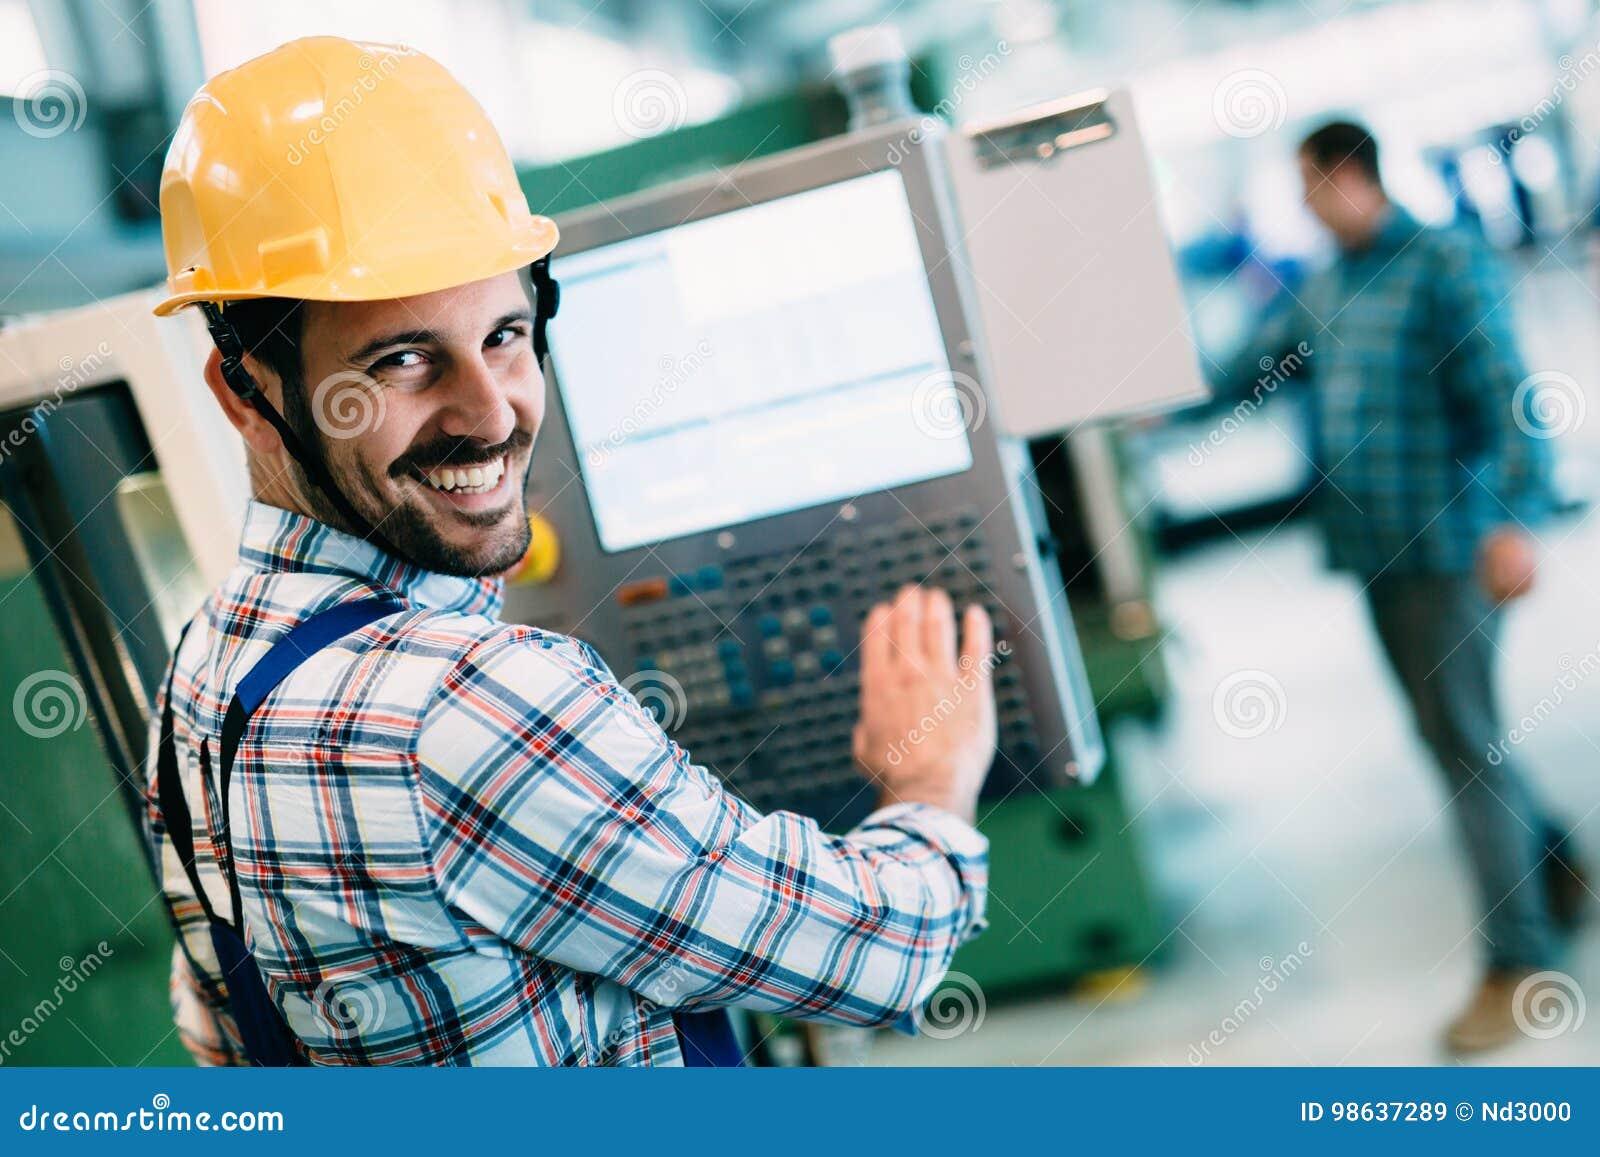 Industriële fabriekswerknemer die in metaal verwerkende industrie werken